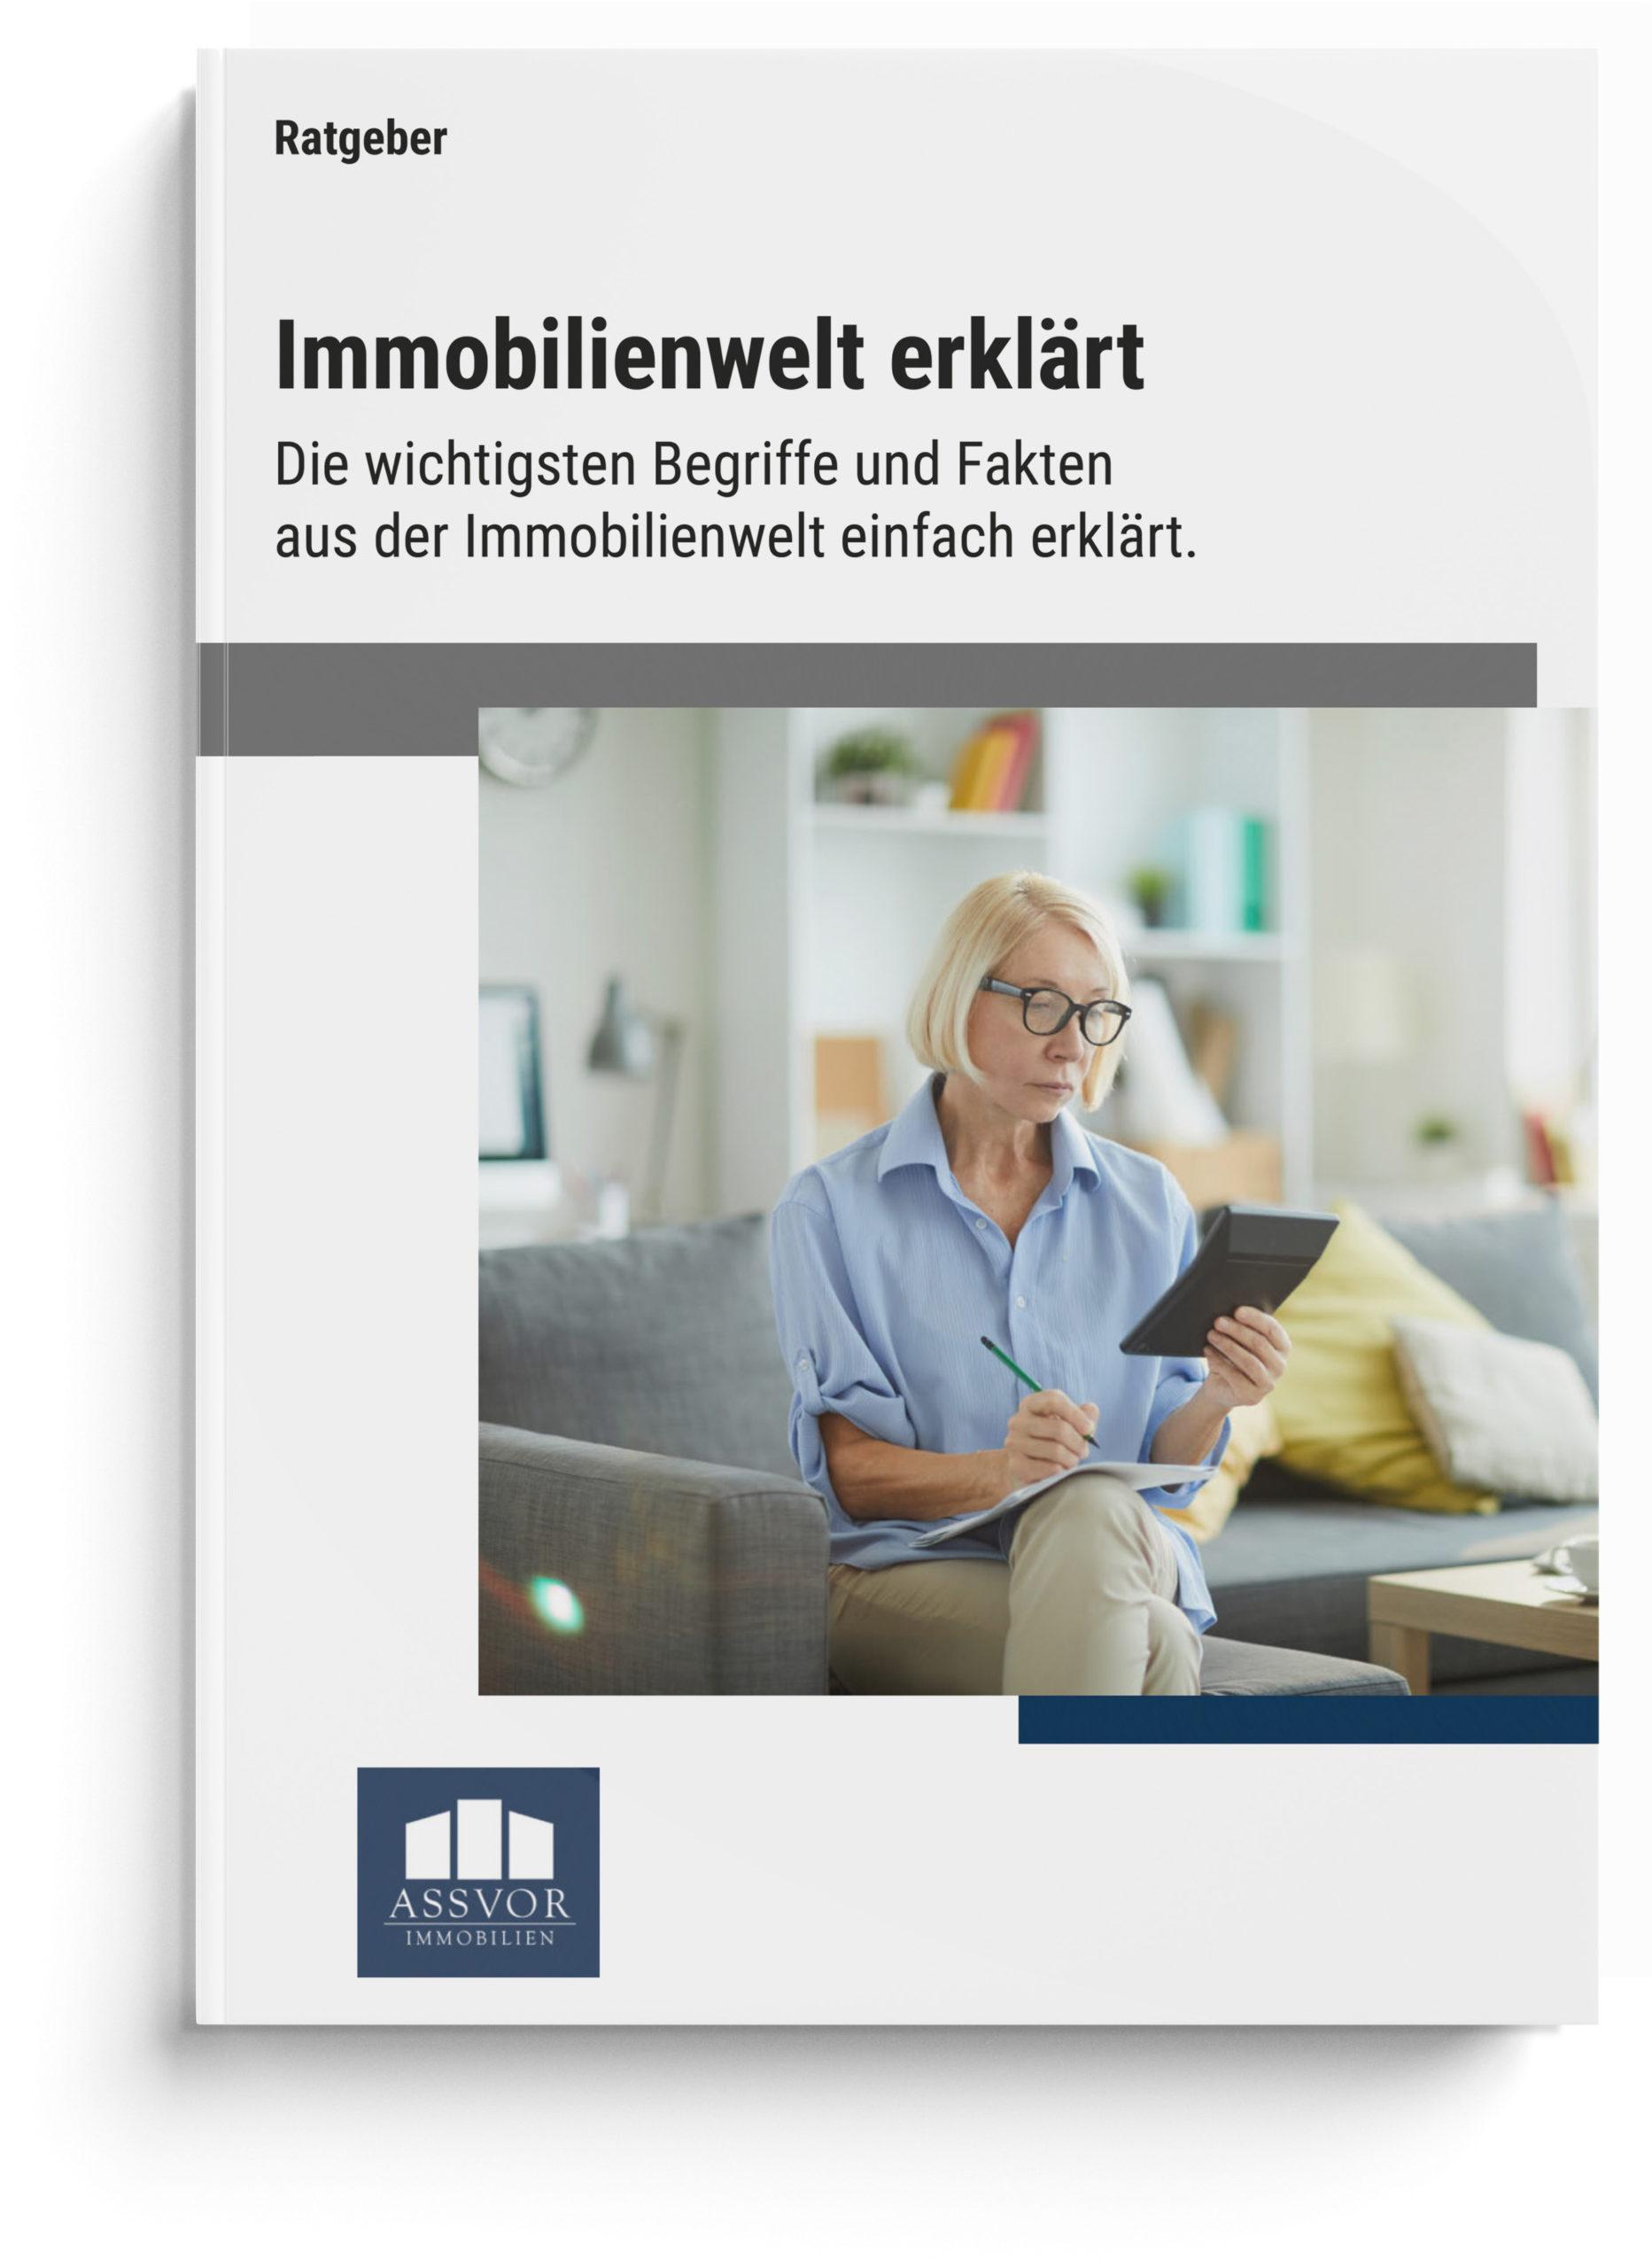 Immobilienwelt Immobilienwissen Grundbuchauszug Teilungserklärung Notar Kaufvertrag Übergabe Mängel Nebenkostenn - Mockup